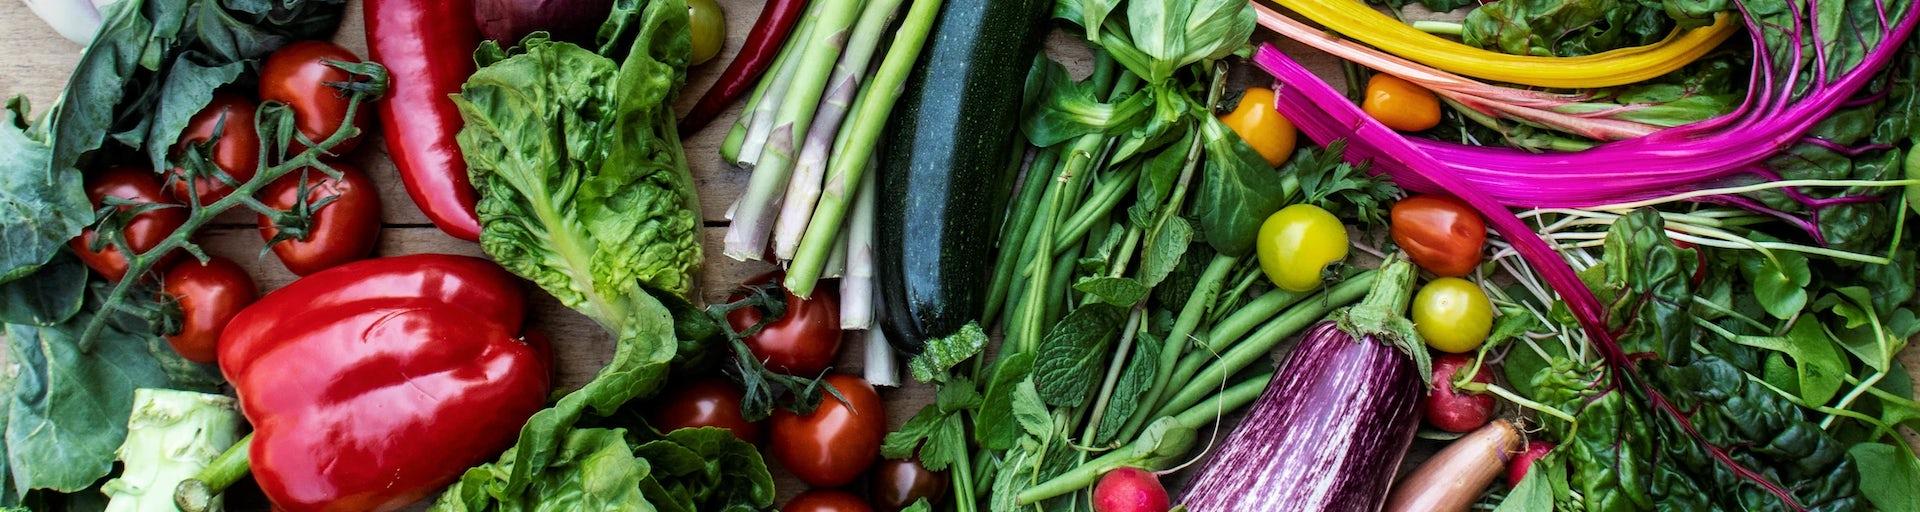 Veel diverse lokale groenten door elkaar heen